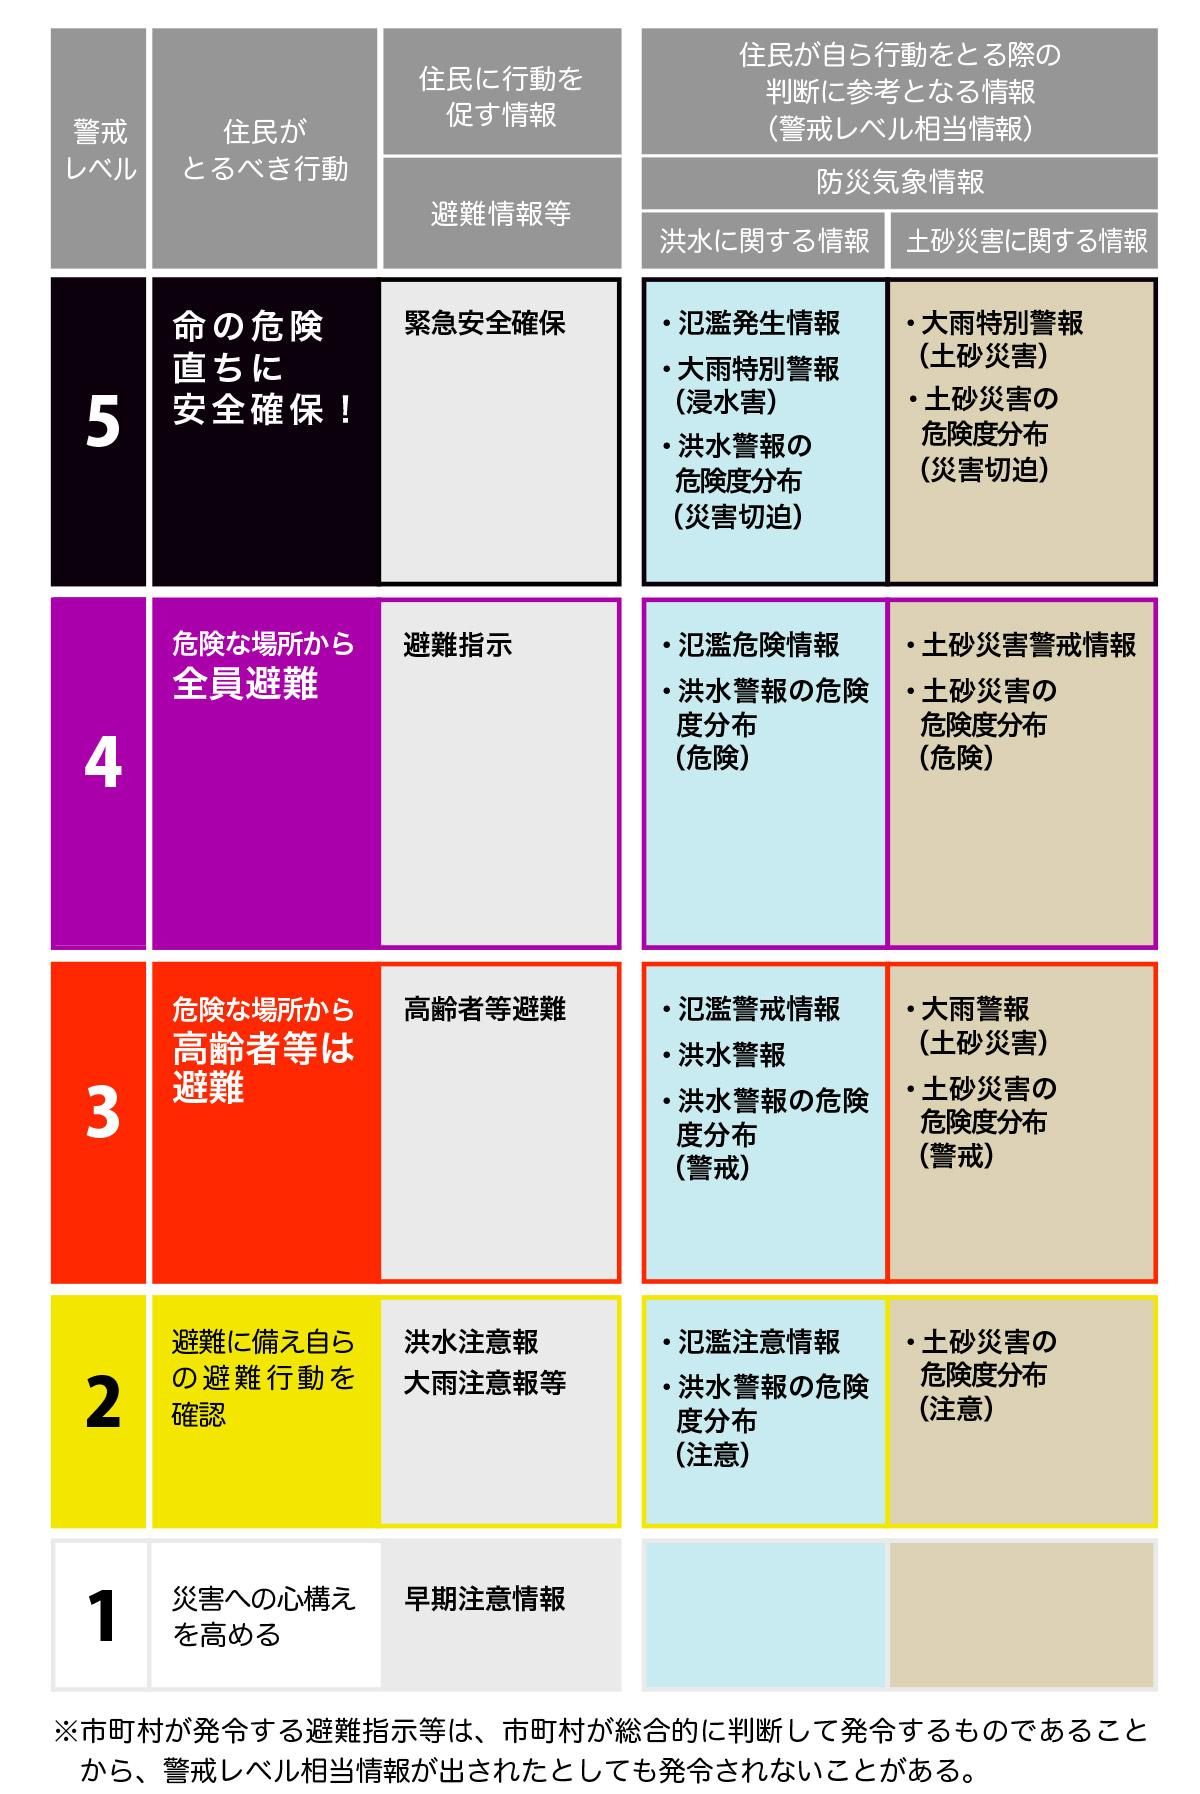 避難勧告 避難指示 緊急 指定緊急避難場所 ハザードマップ 避難行動を確認